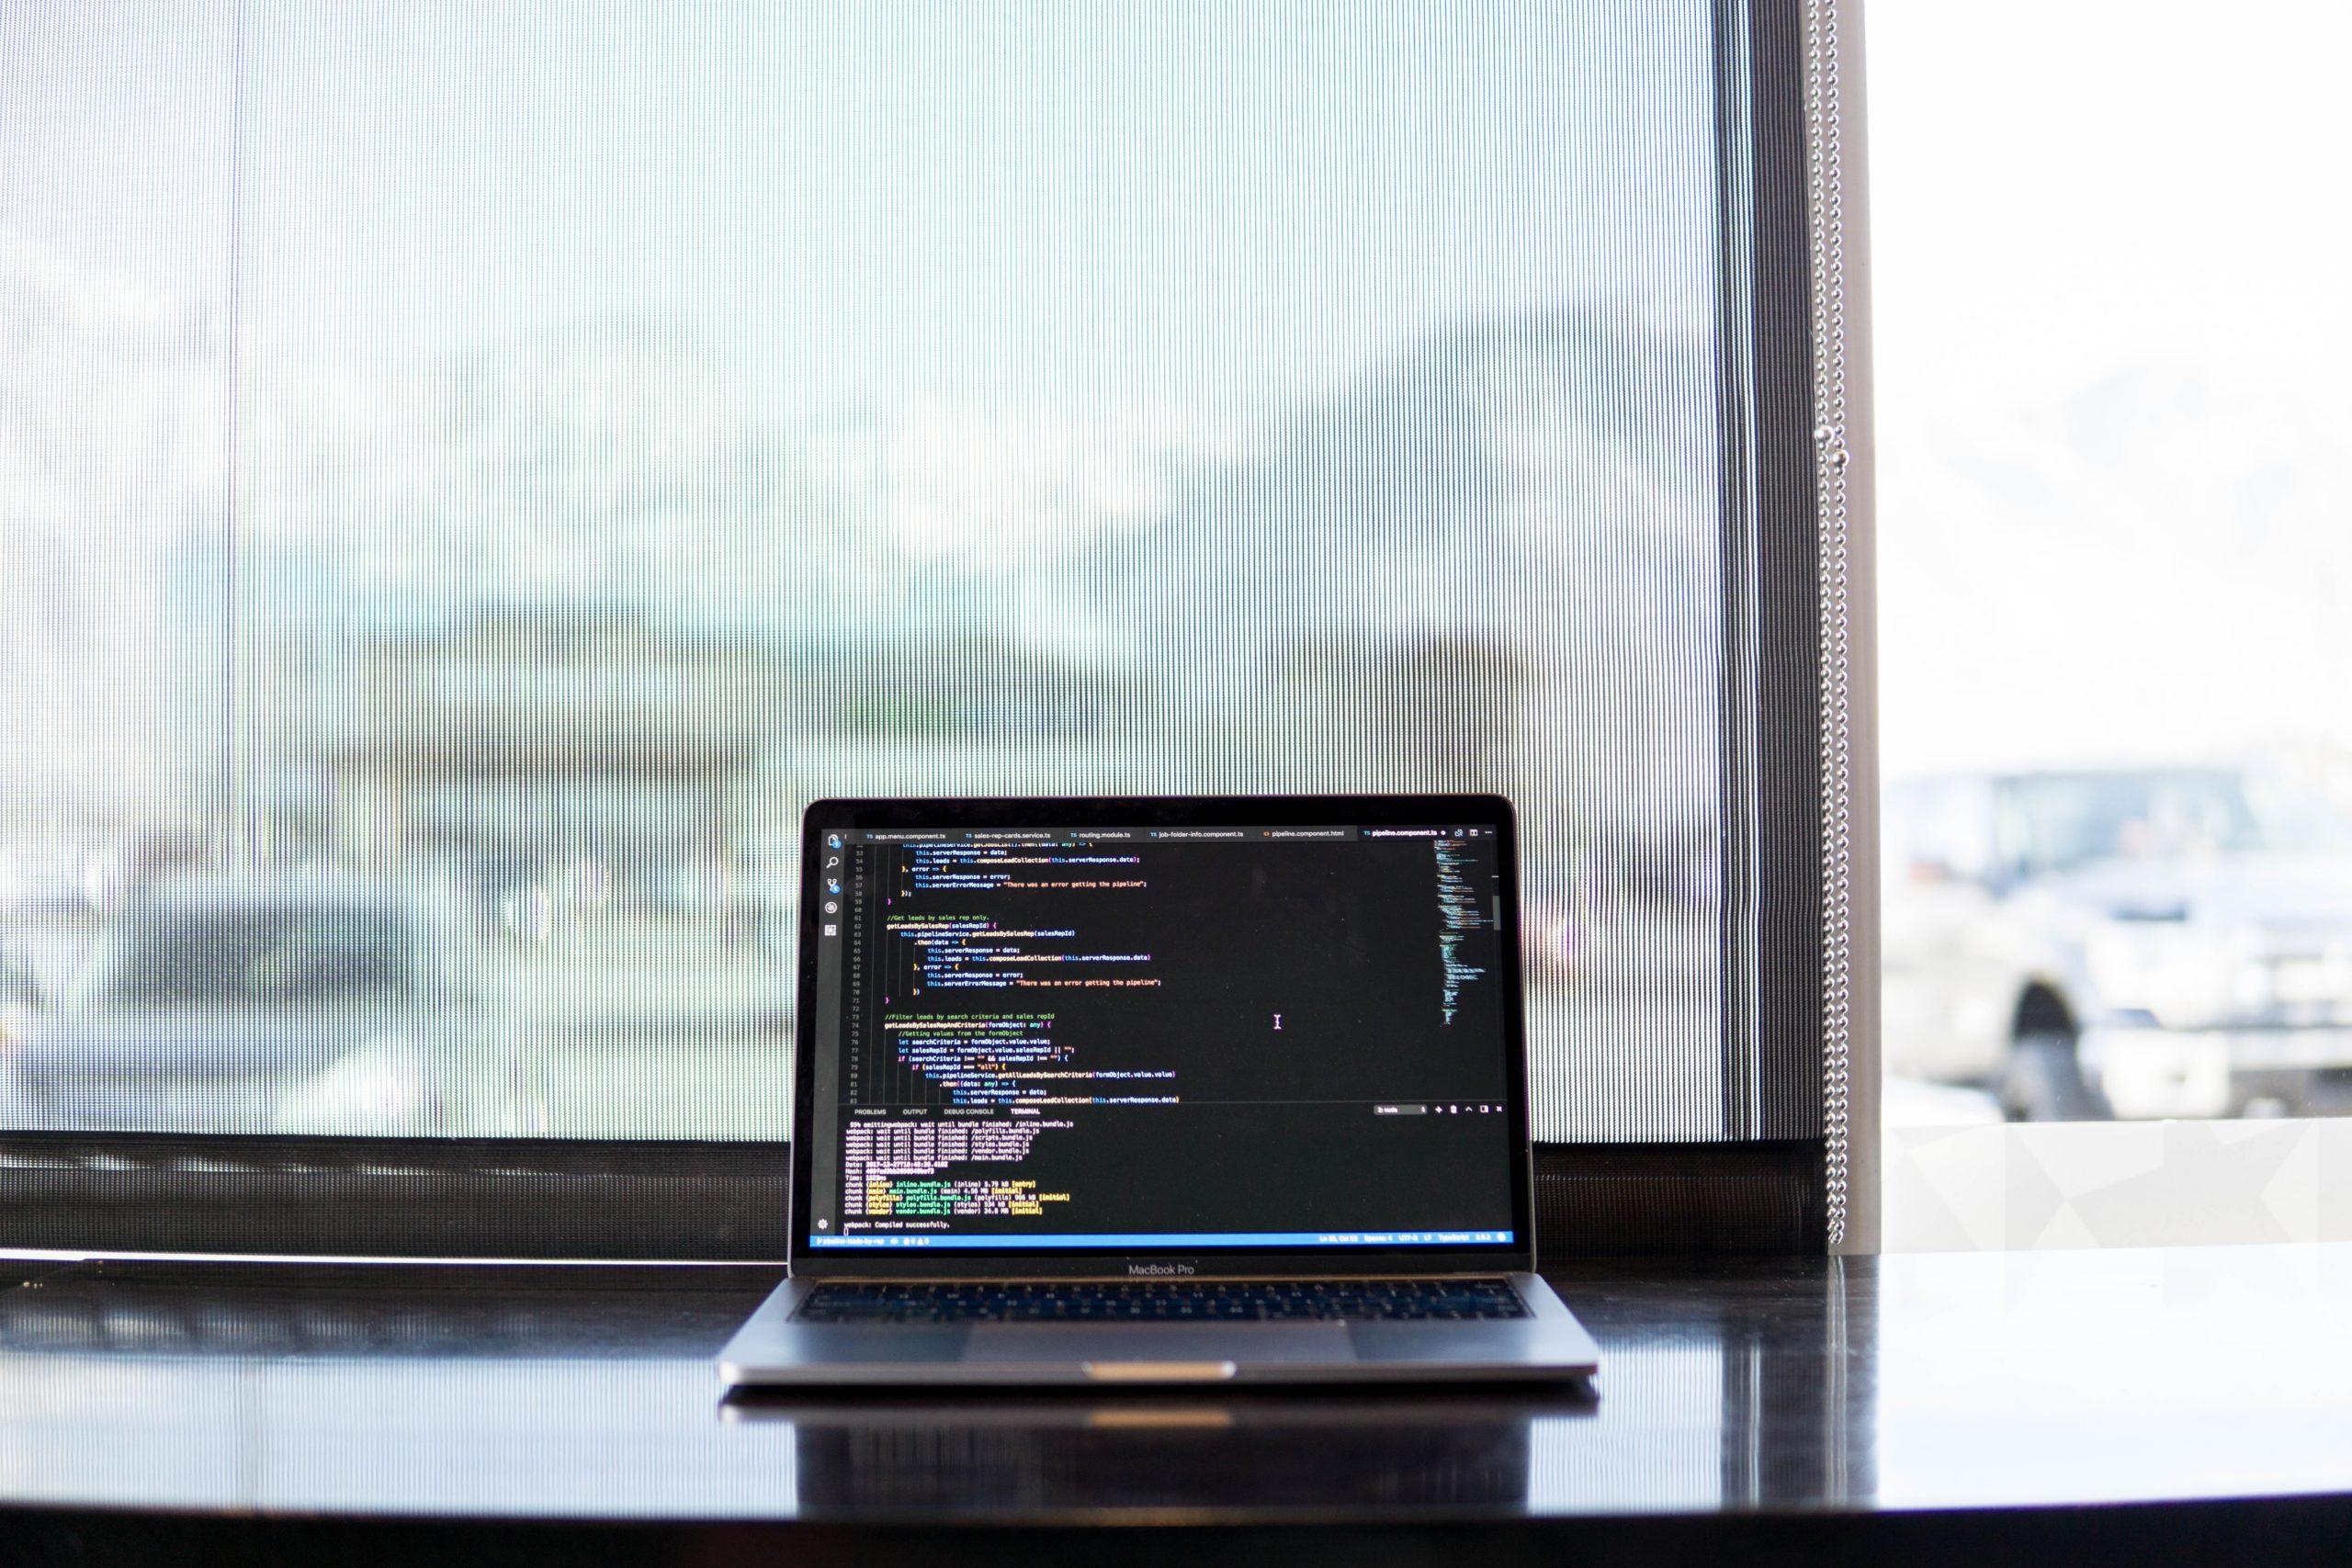 اليك دليلك الشامل لمصادر تعلم البرمجة بلغة بايثون python programming